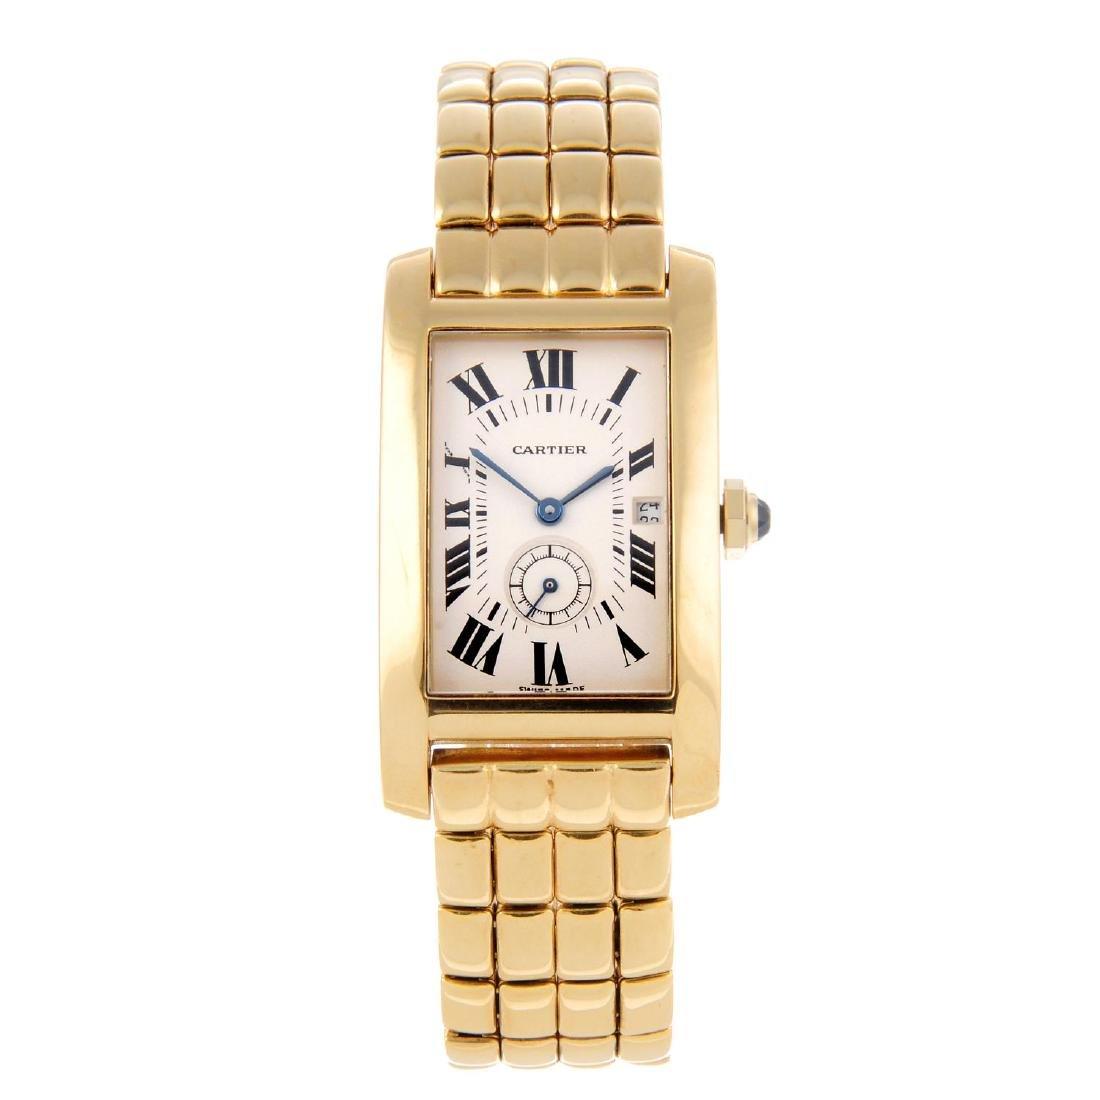 CARTIER - a Tank Américaine bracelet watch. 18ct yellow